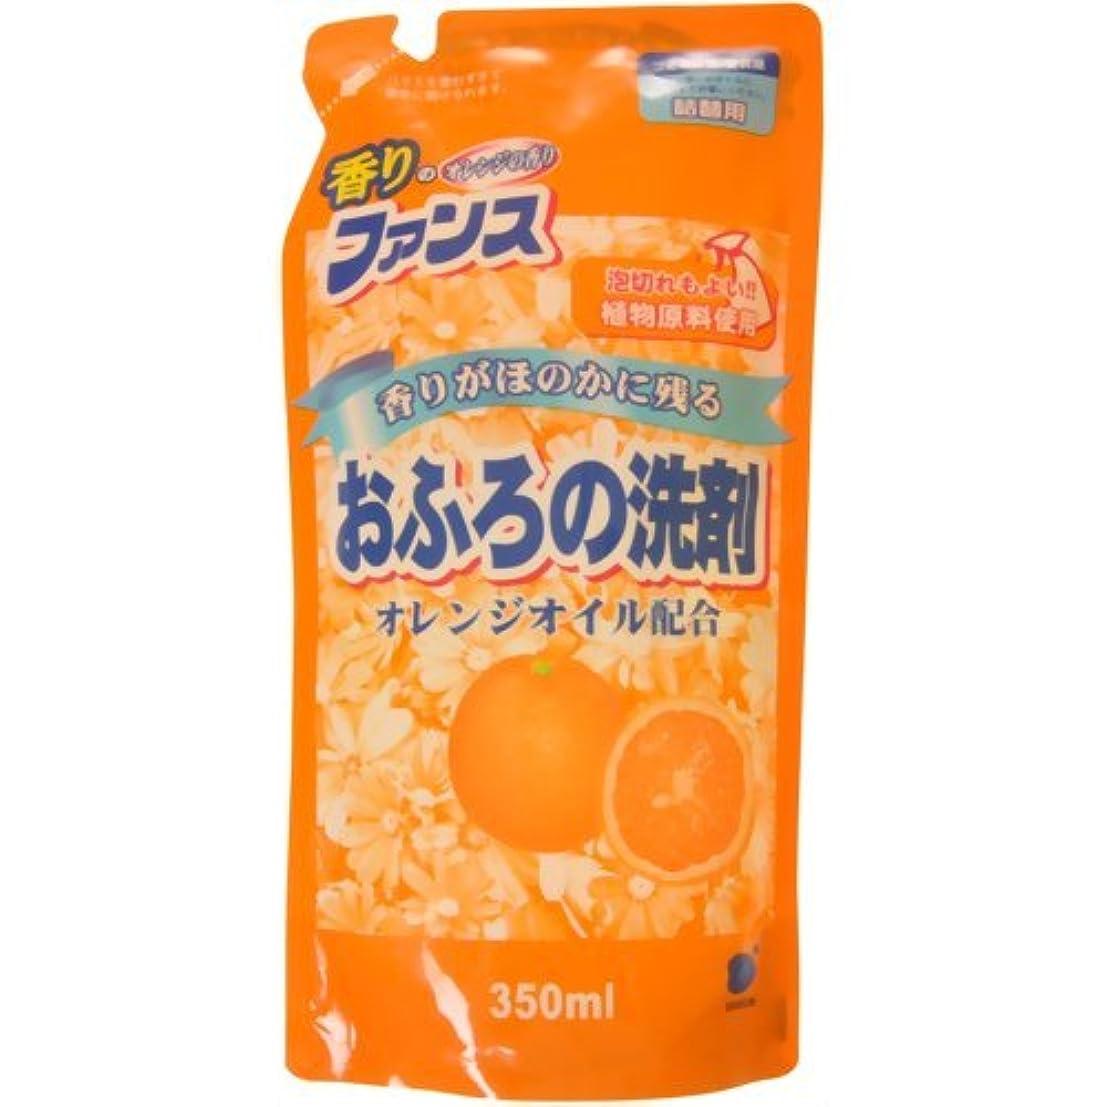 偶然のニュースクロス香りのファンス おふろの洗剤 オレンジ つめかえ用 350ml